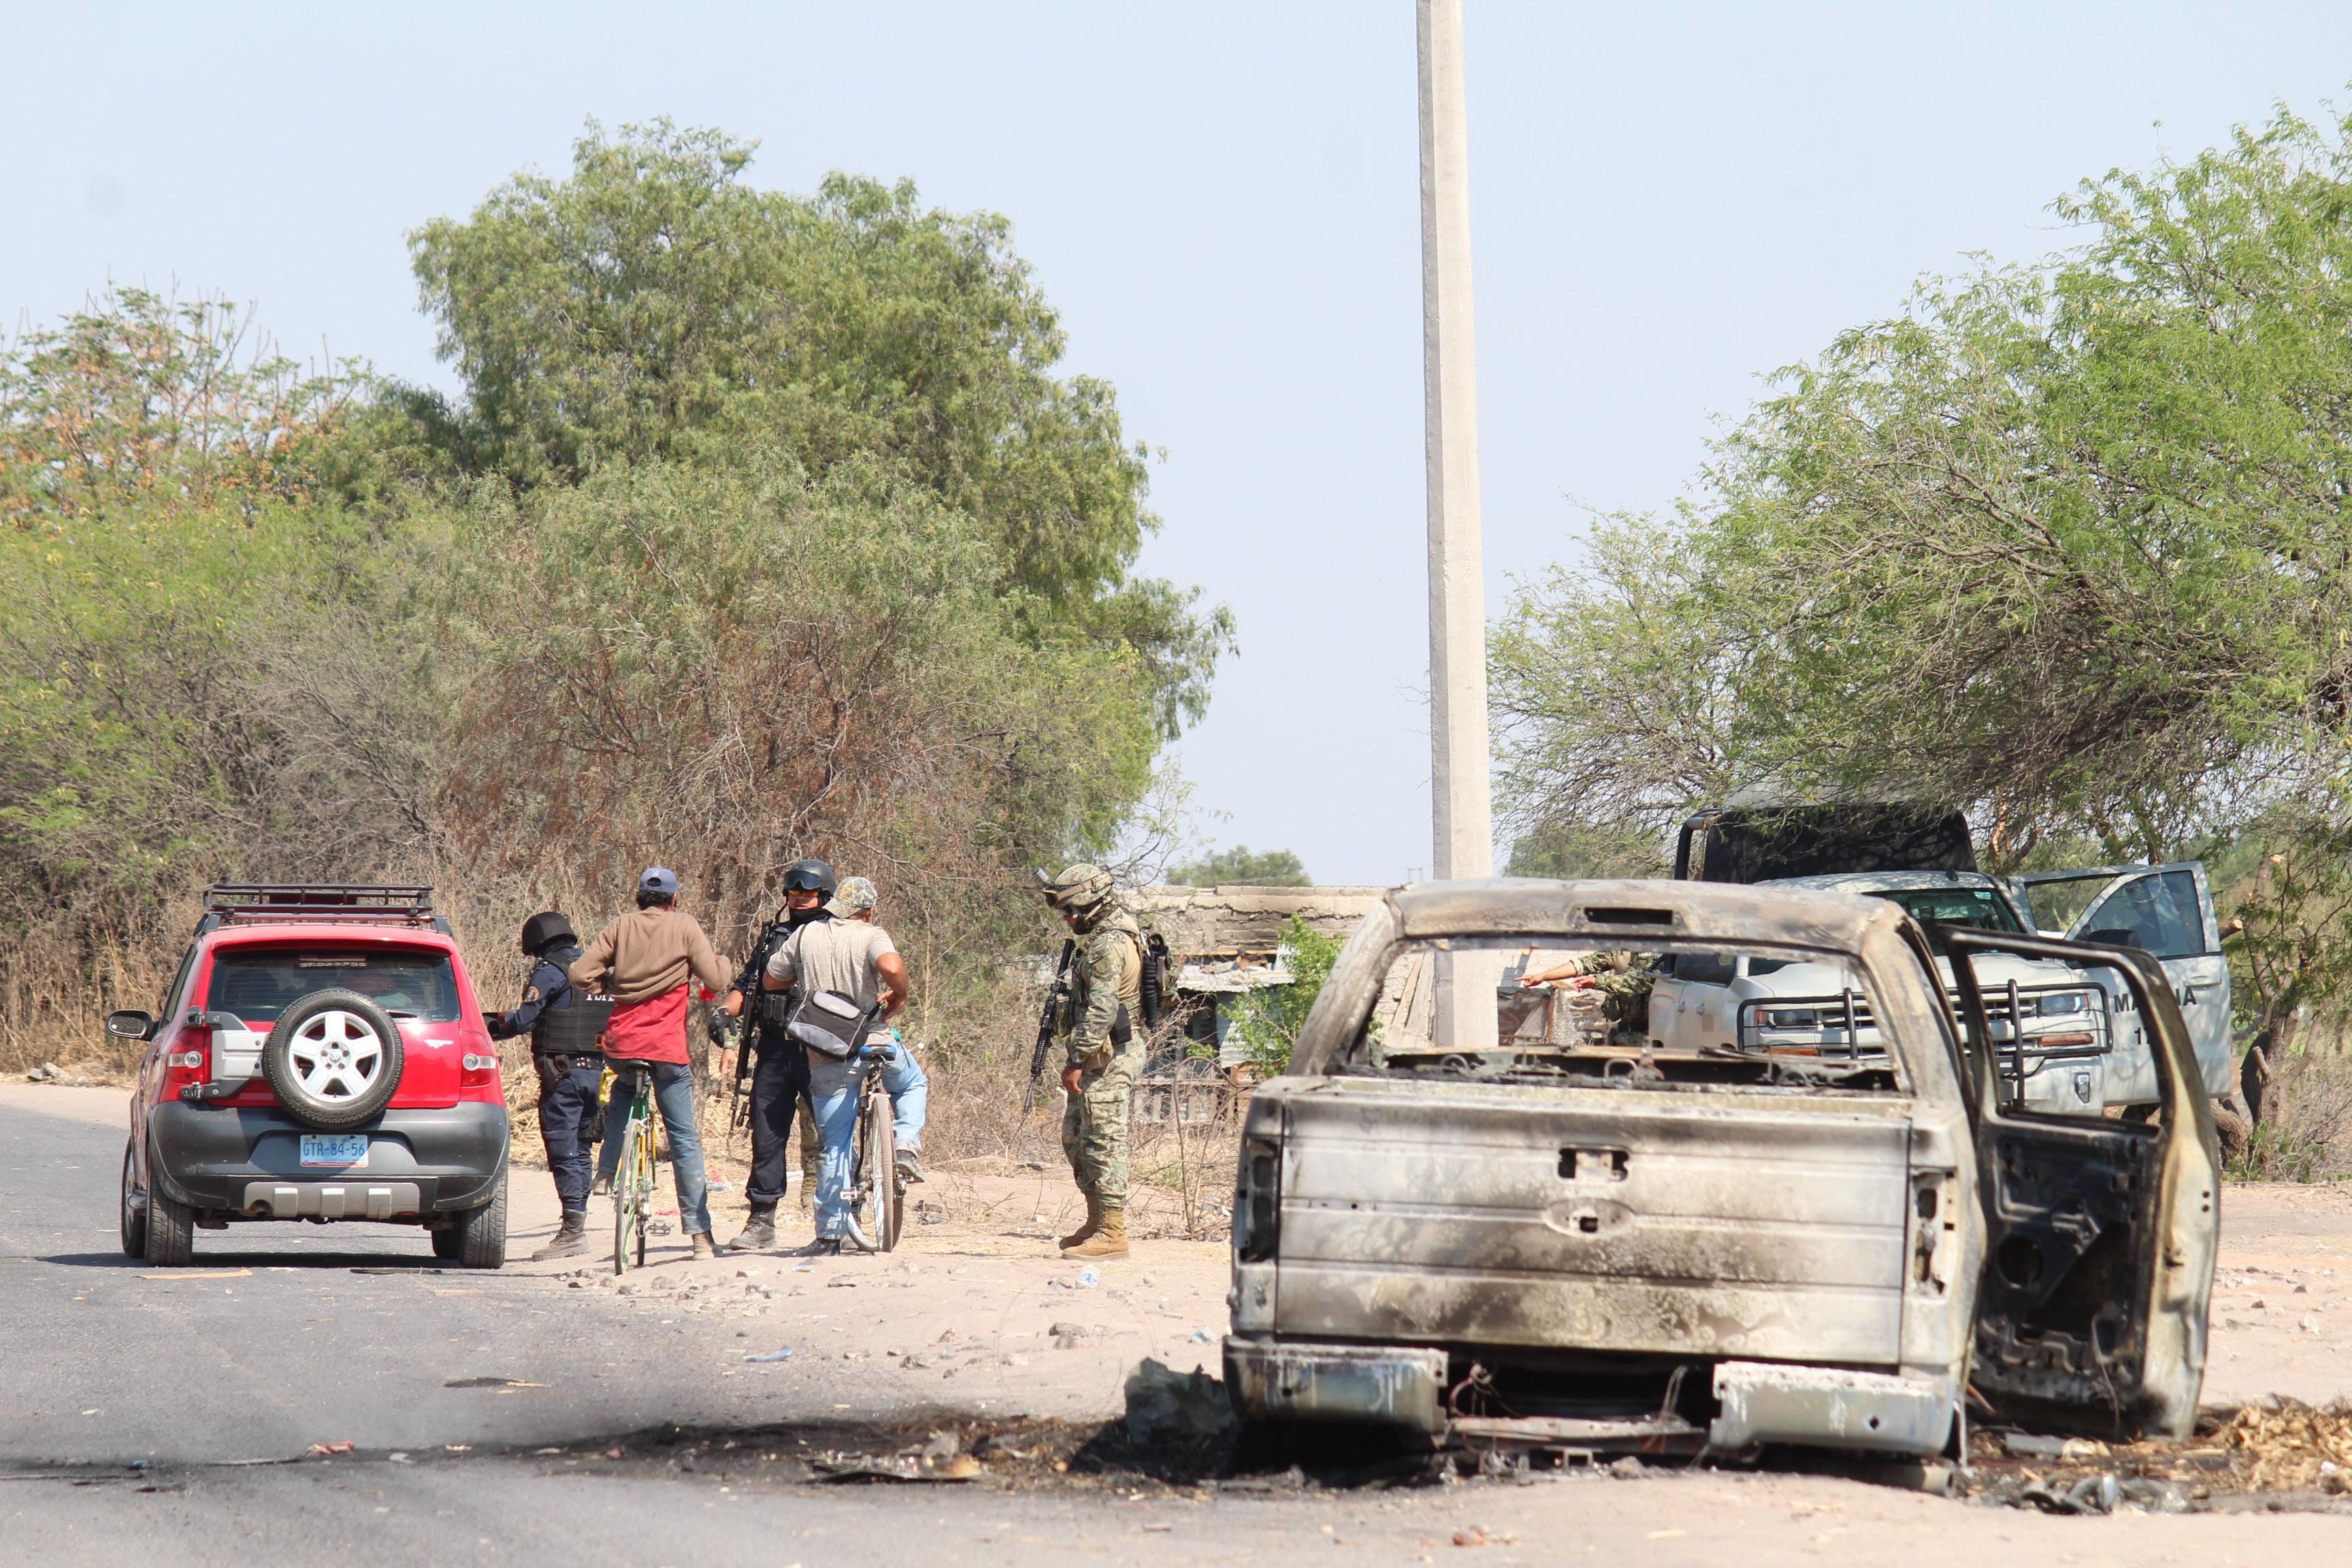 La Fiscalía General del Estado de Guanajuato informó que fueron asegurados 97 vehículos con reporte de robo y 21 inmuebles (FOTO: ALEJANDRO ROJAS /CUARTOCURO.COM)